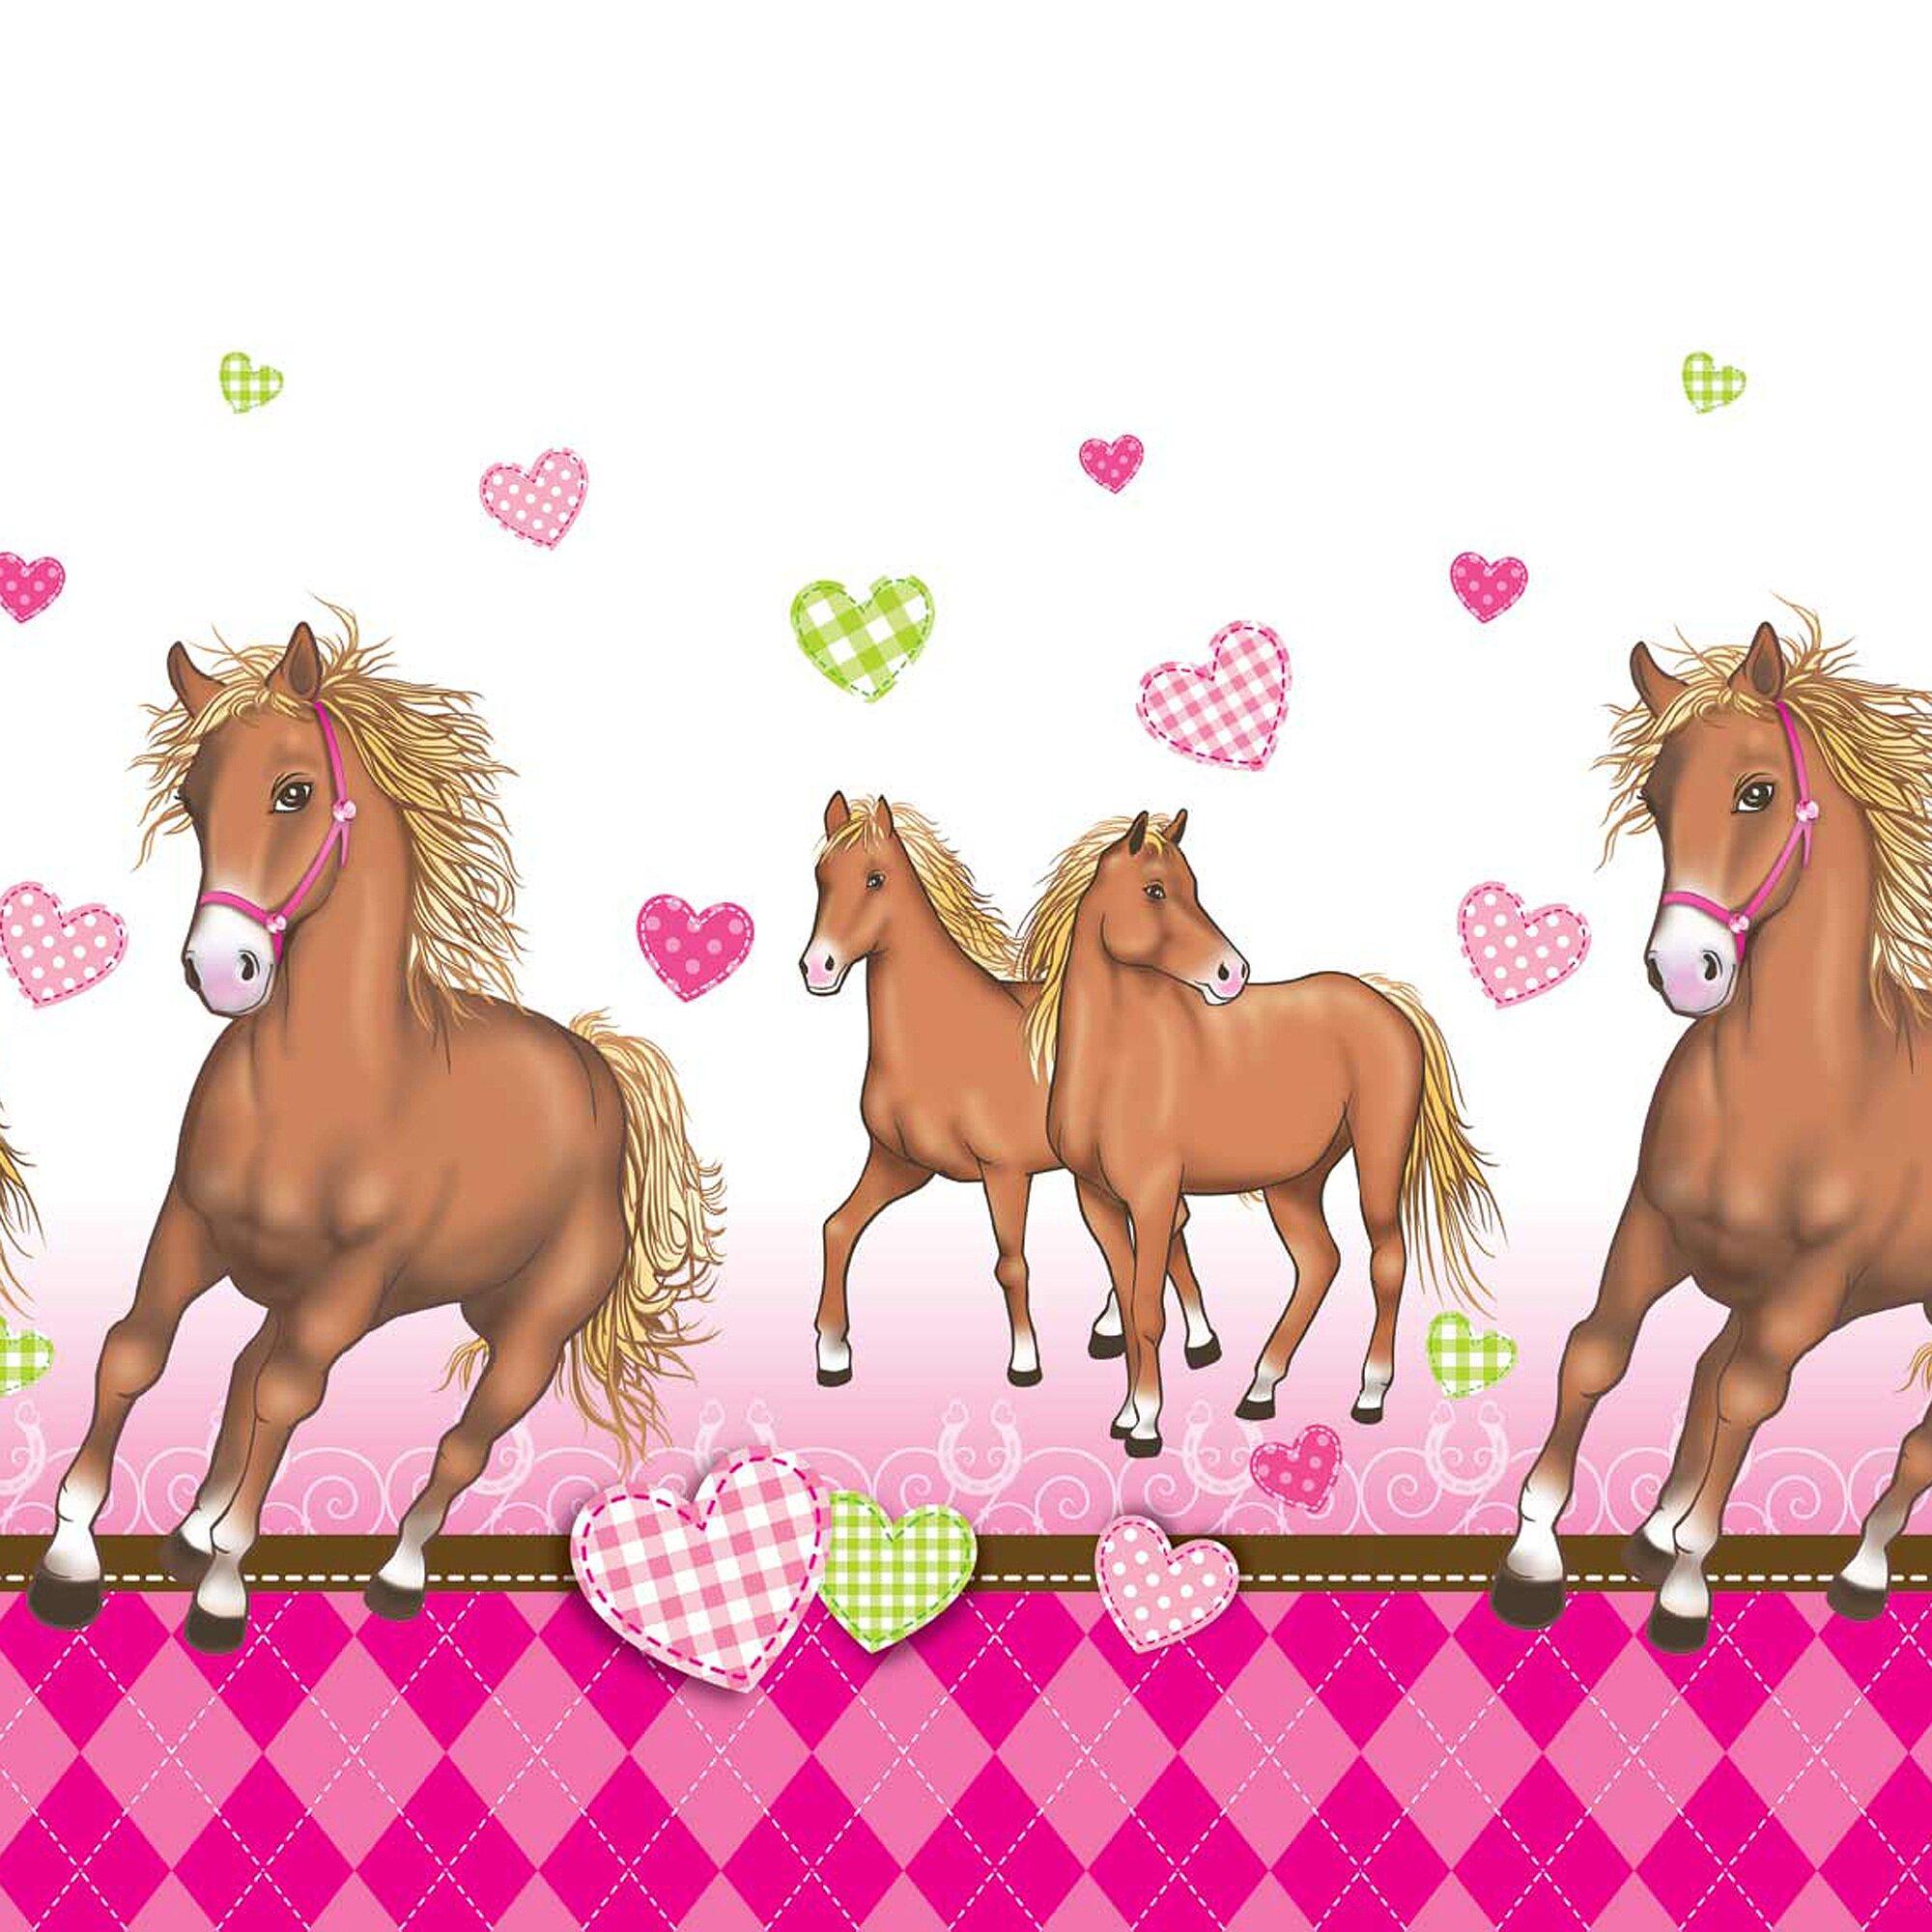 tischdecke-pferde-180x120cm